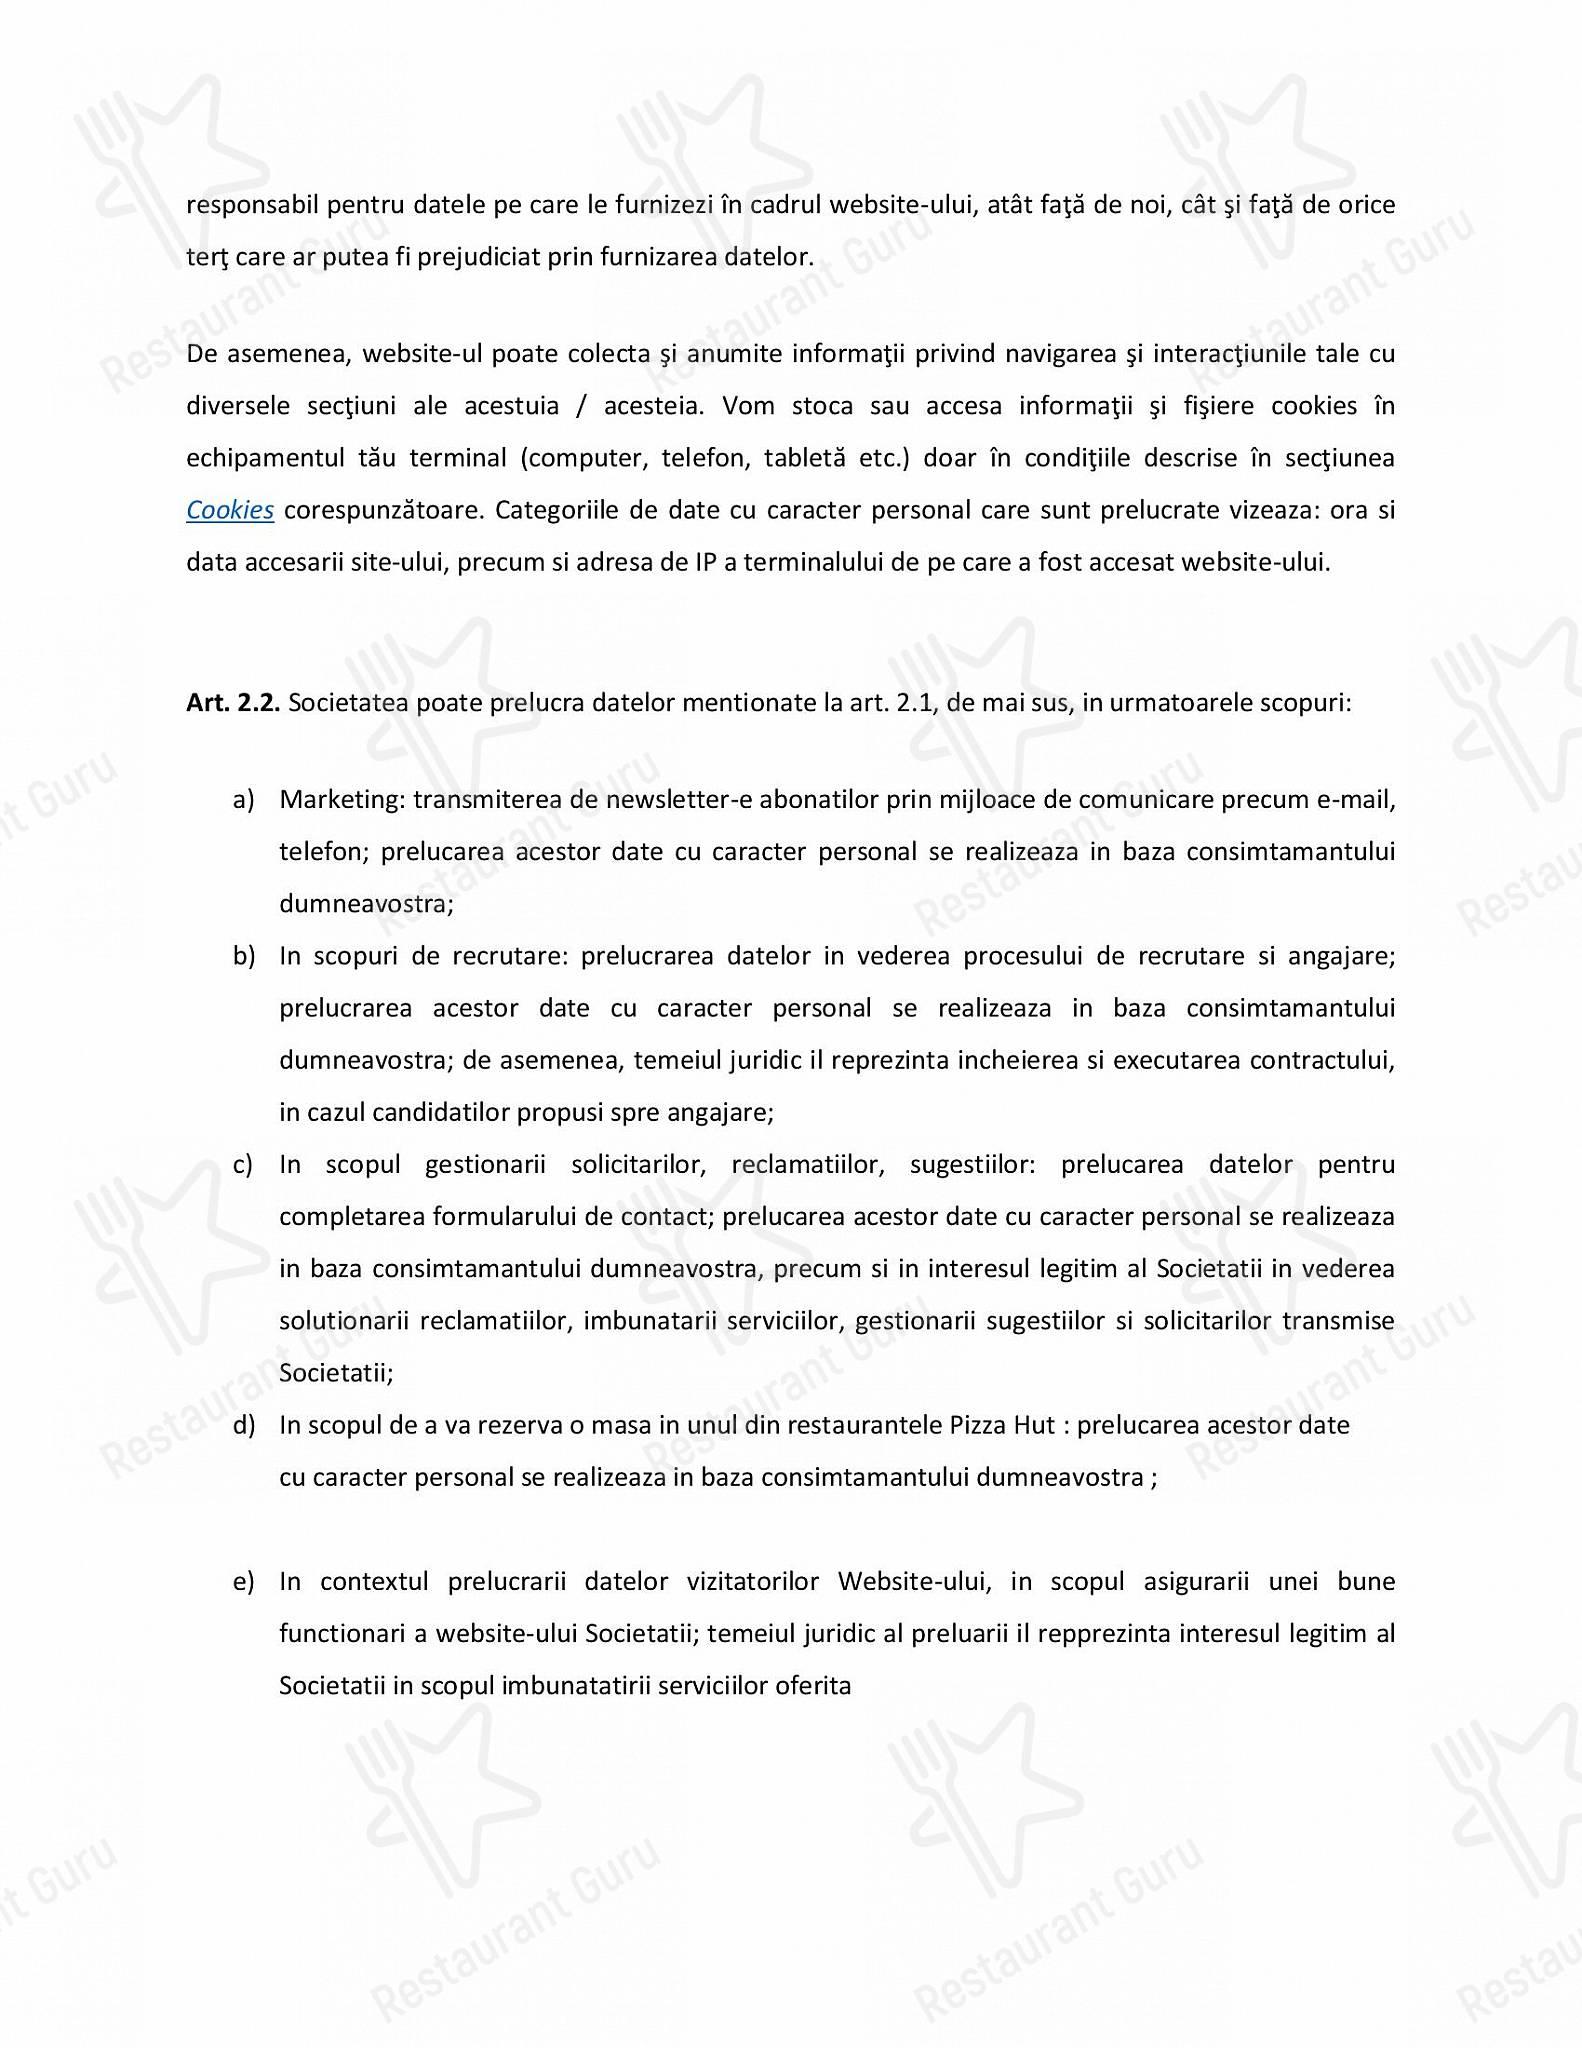 TOP 5 cele mai bune site-uri de dating în - crisan-boncaciu.ro